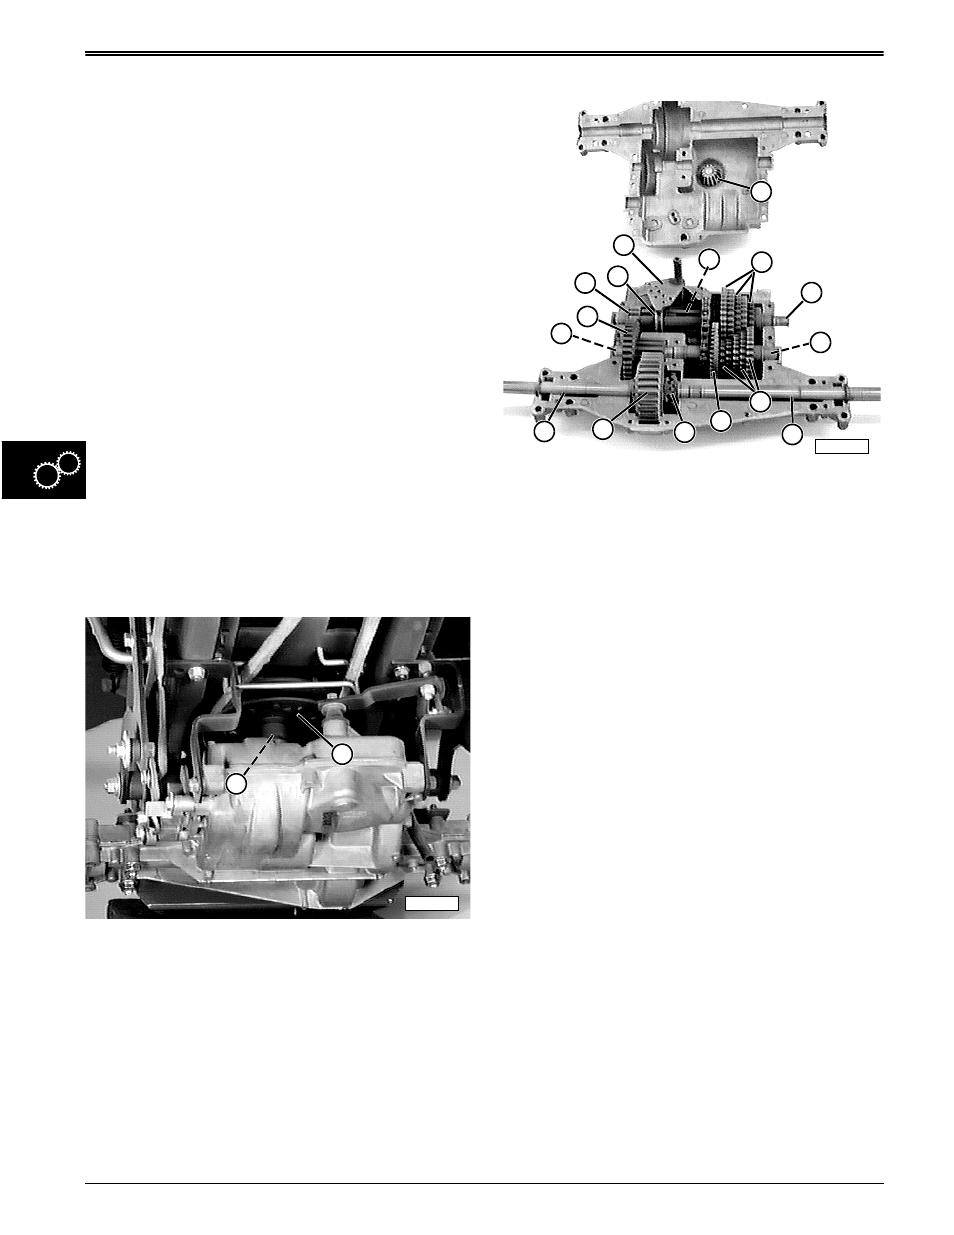 John Deere Stx38 User Manual